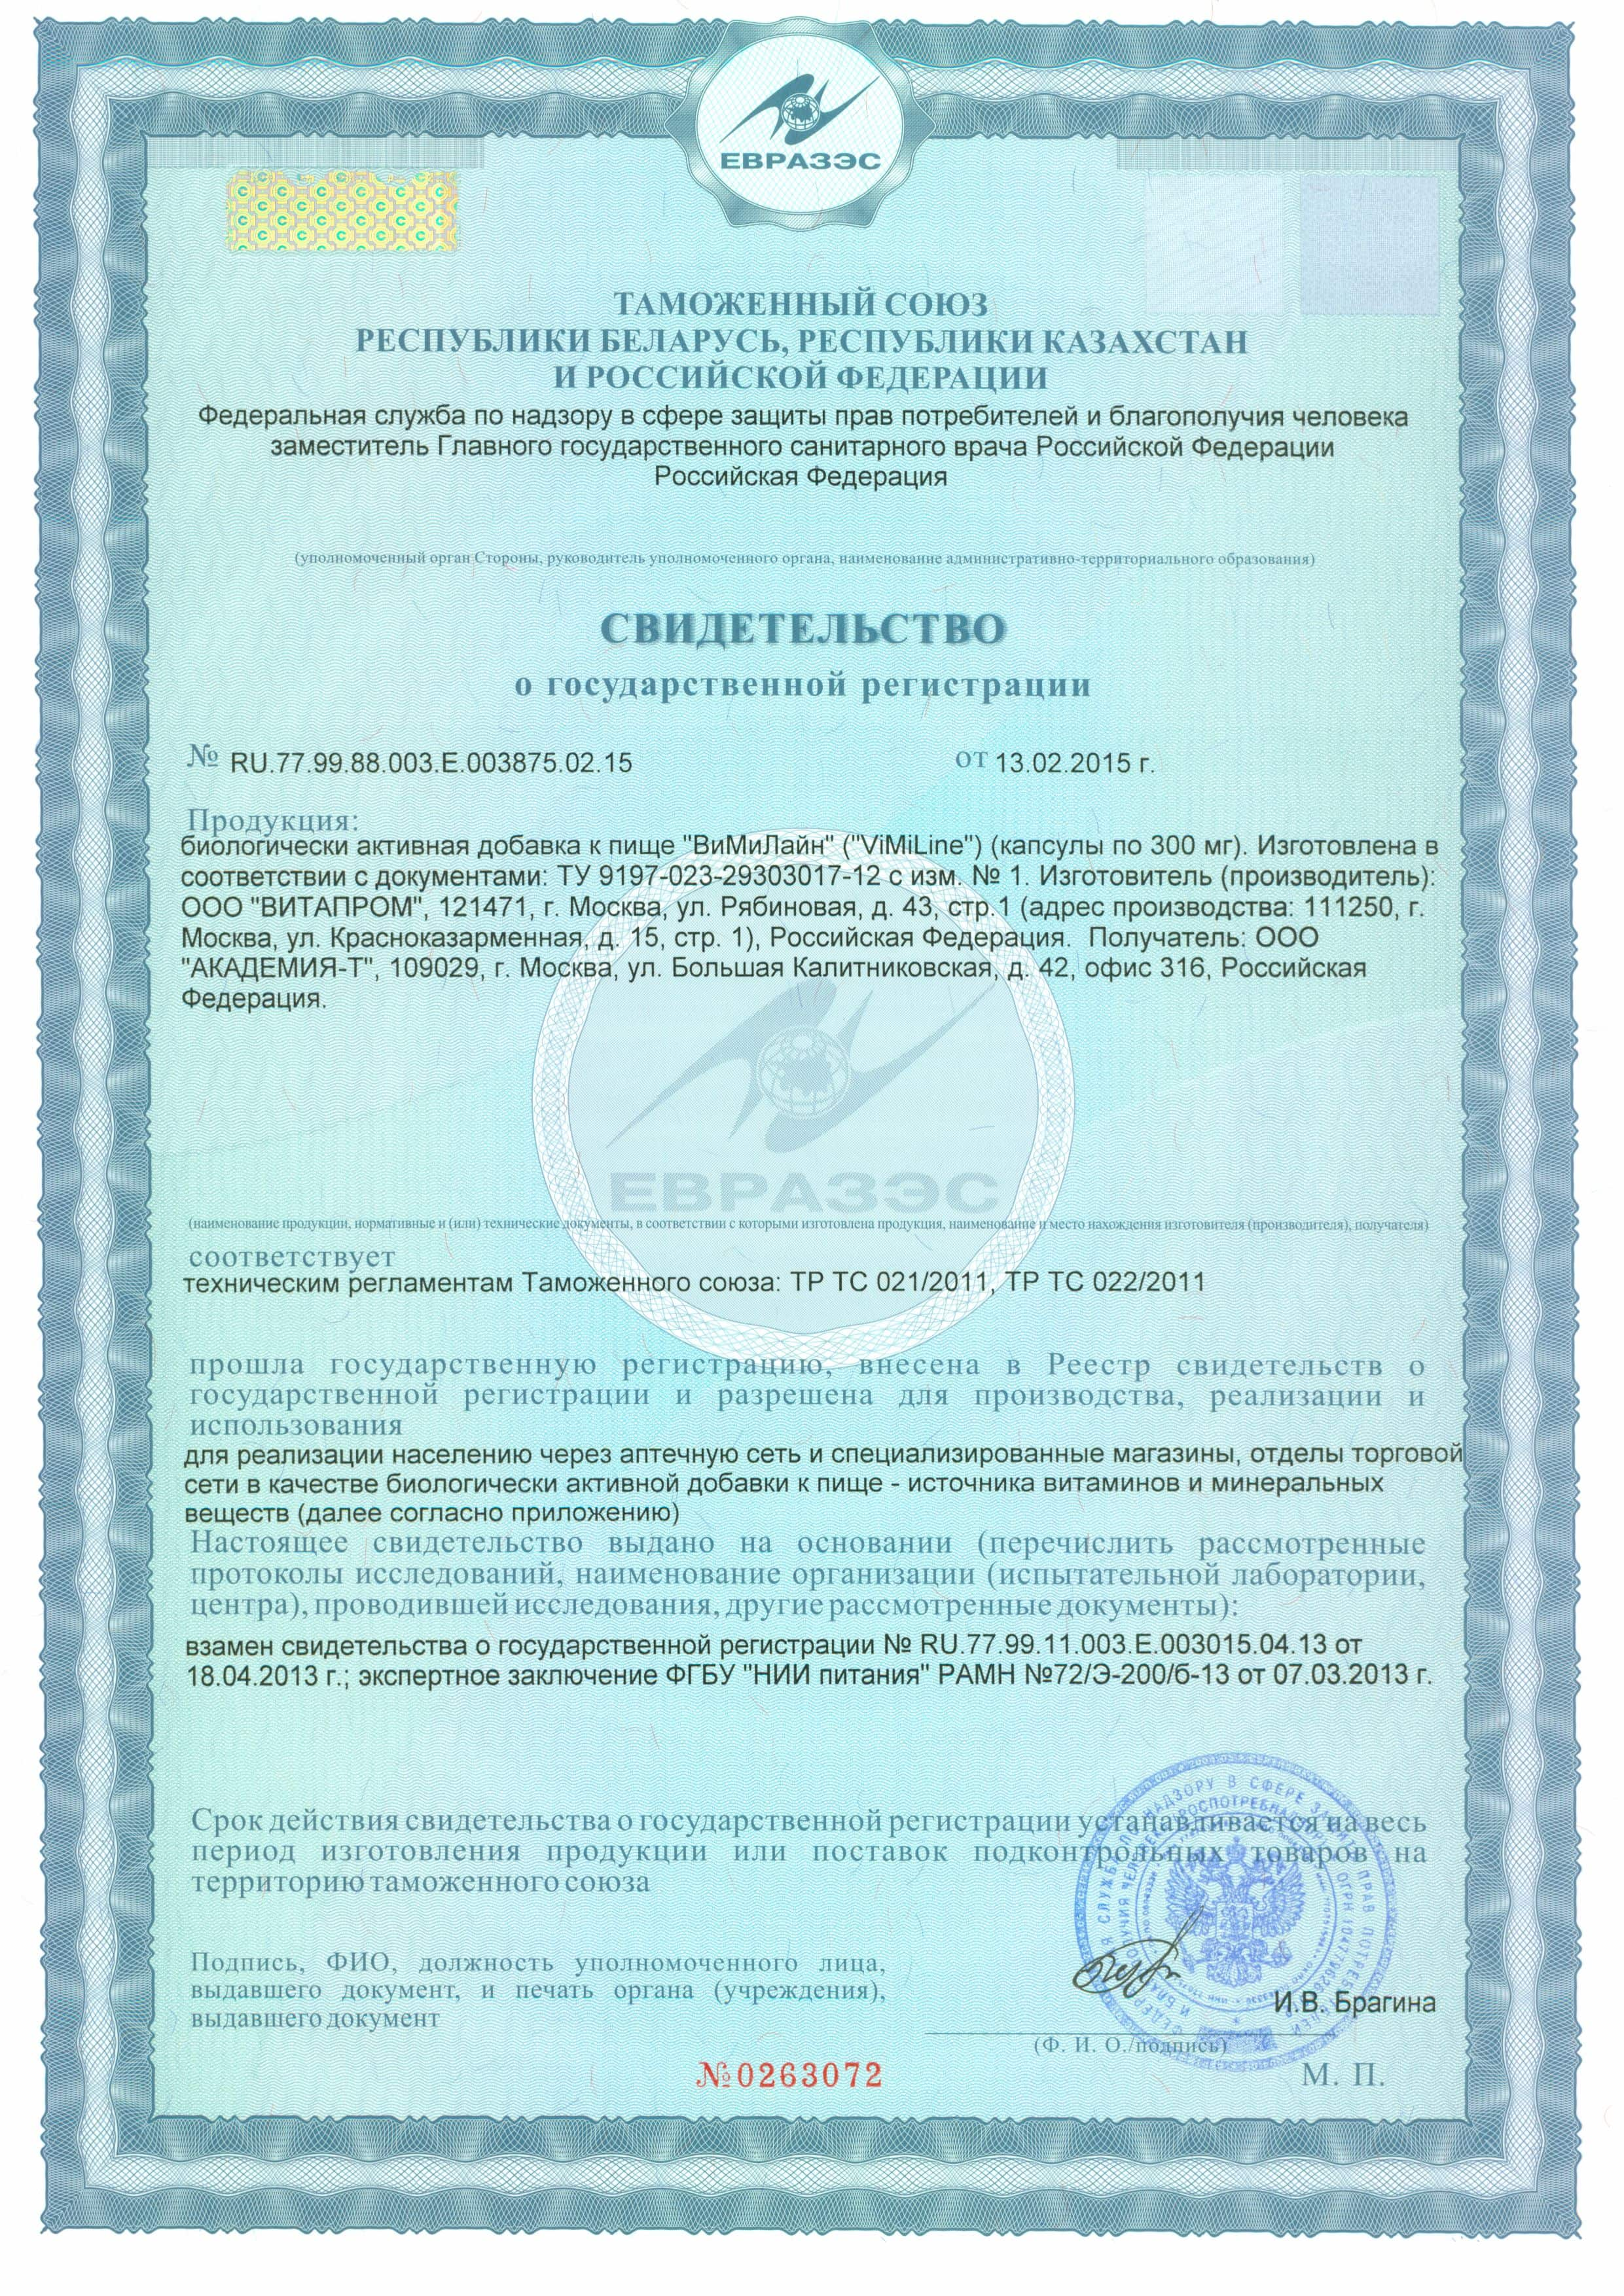 Сертификат ViMiLine